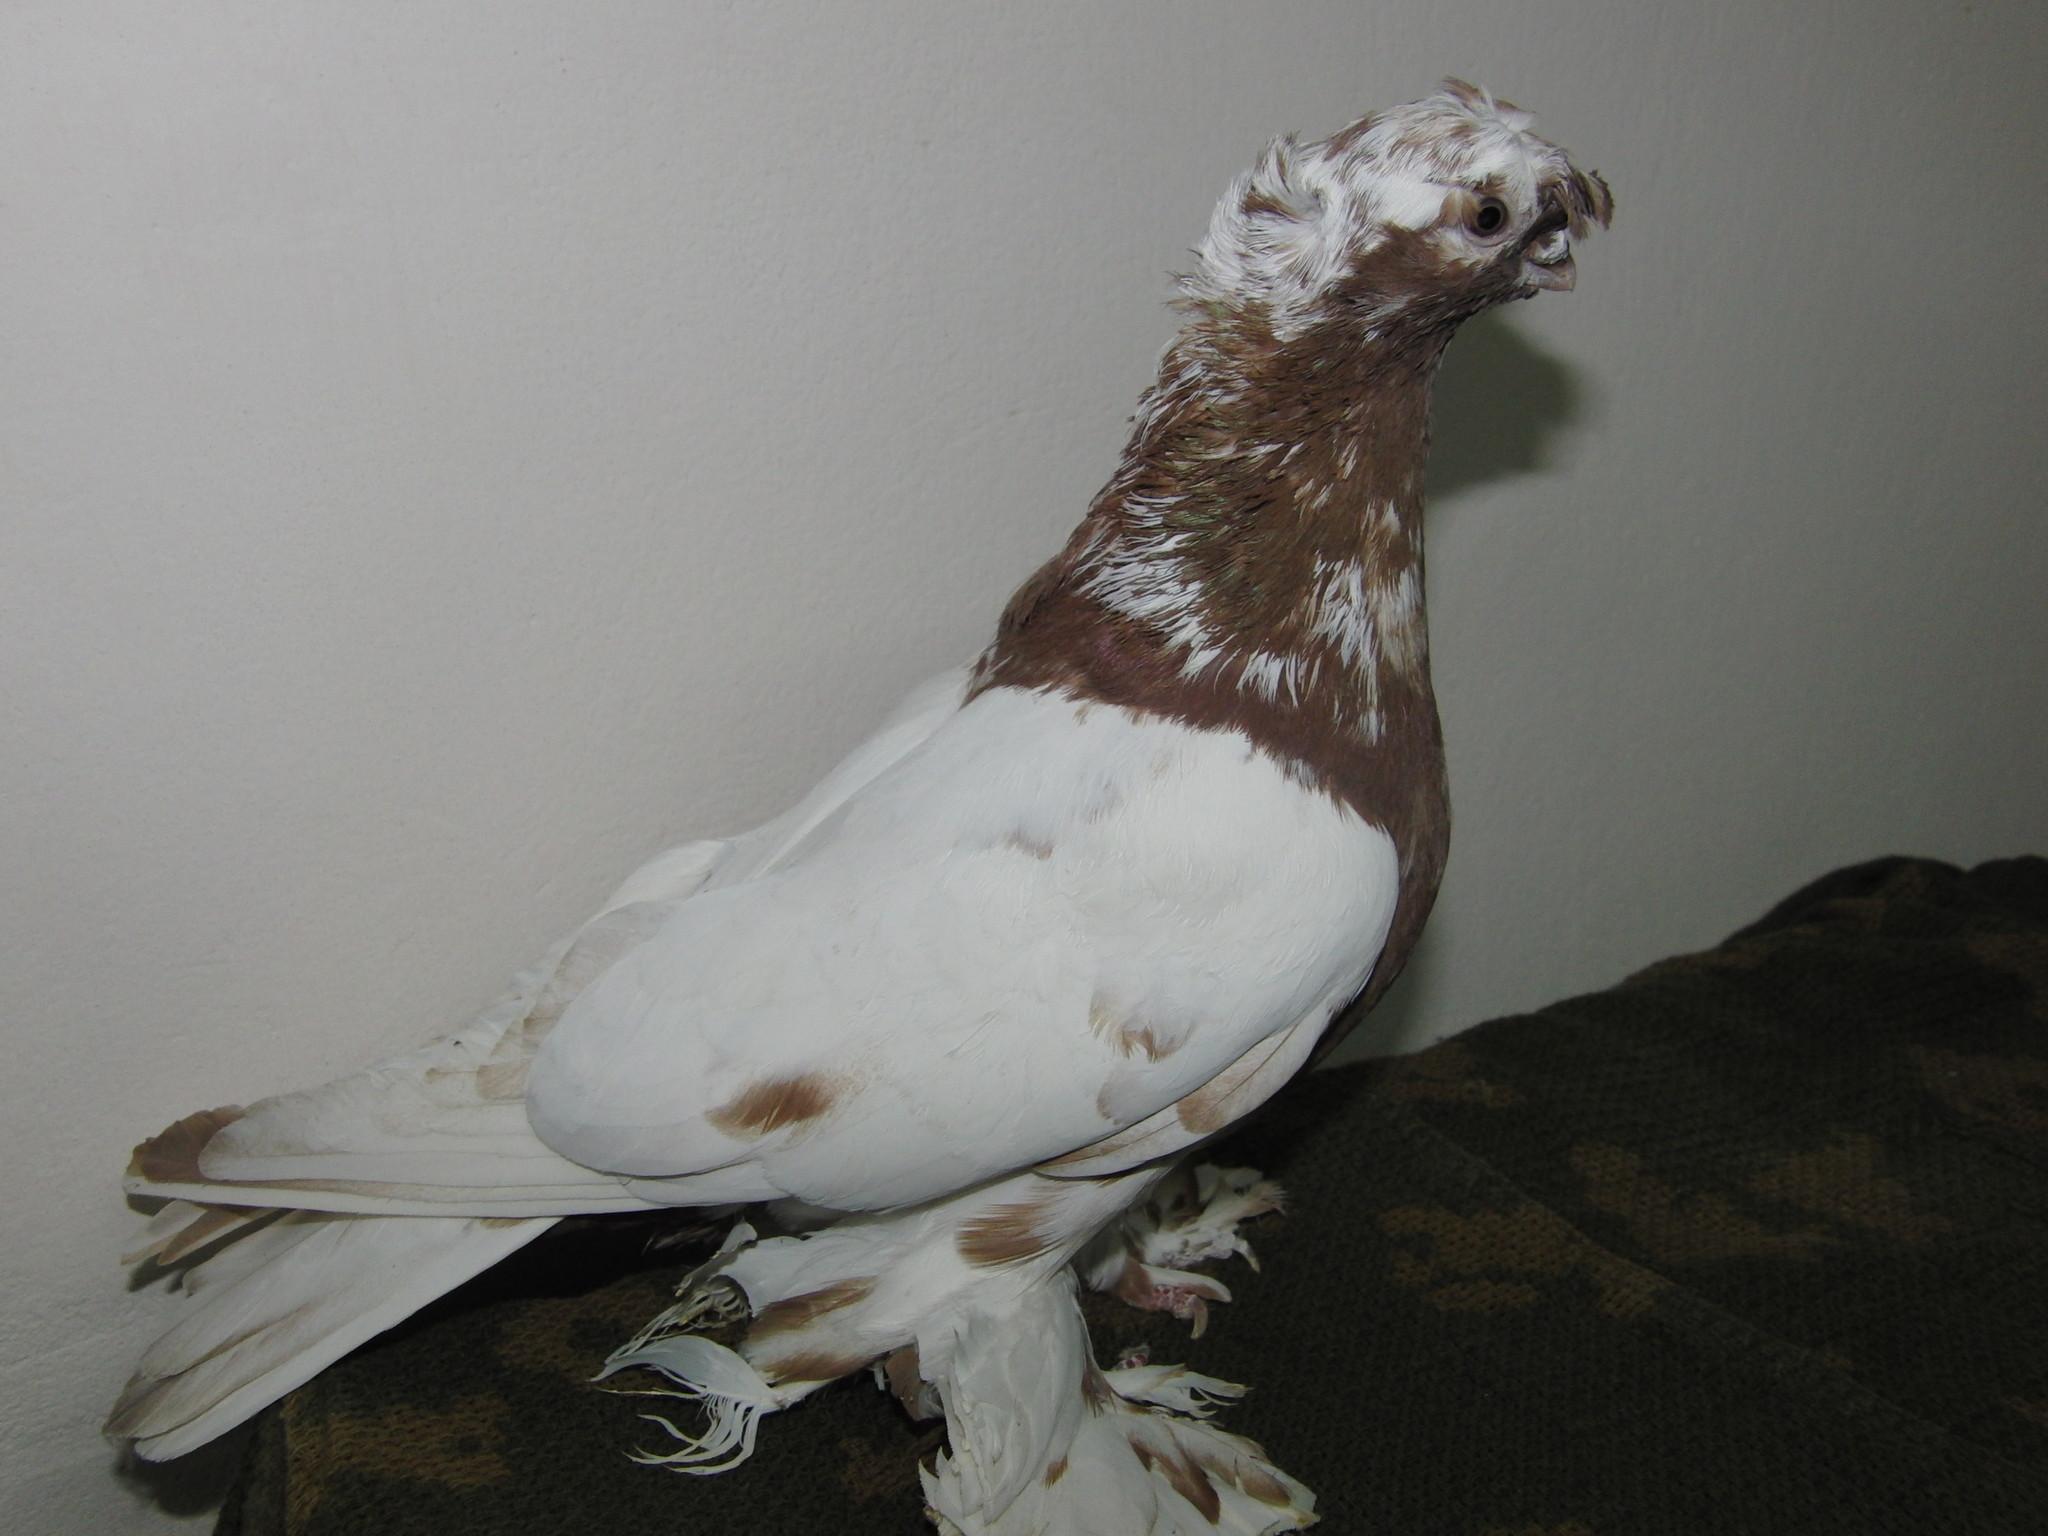 узбекские голуби фото с названиями сардор для меня